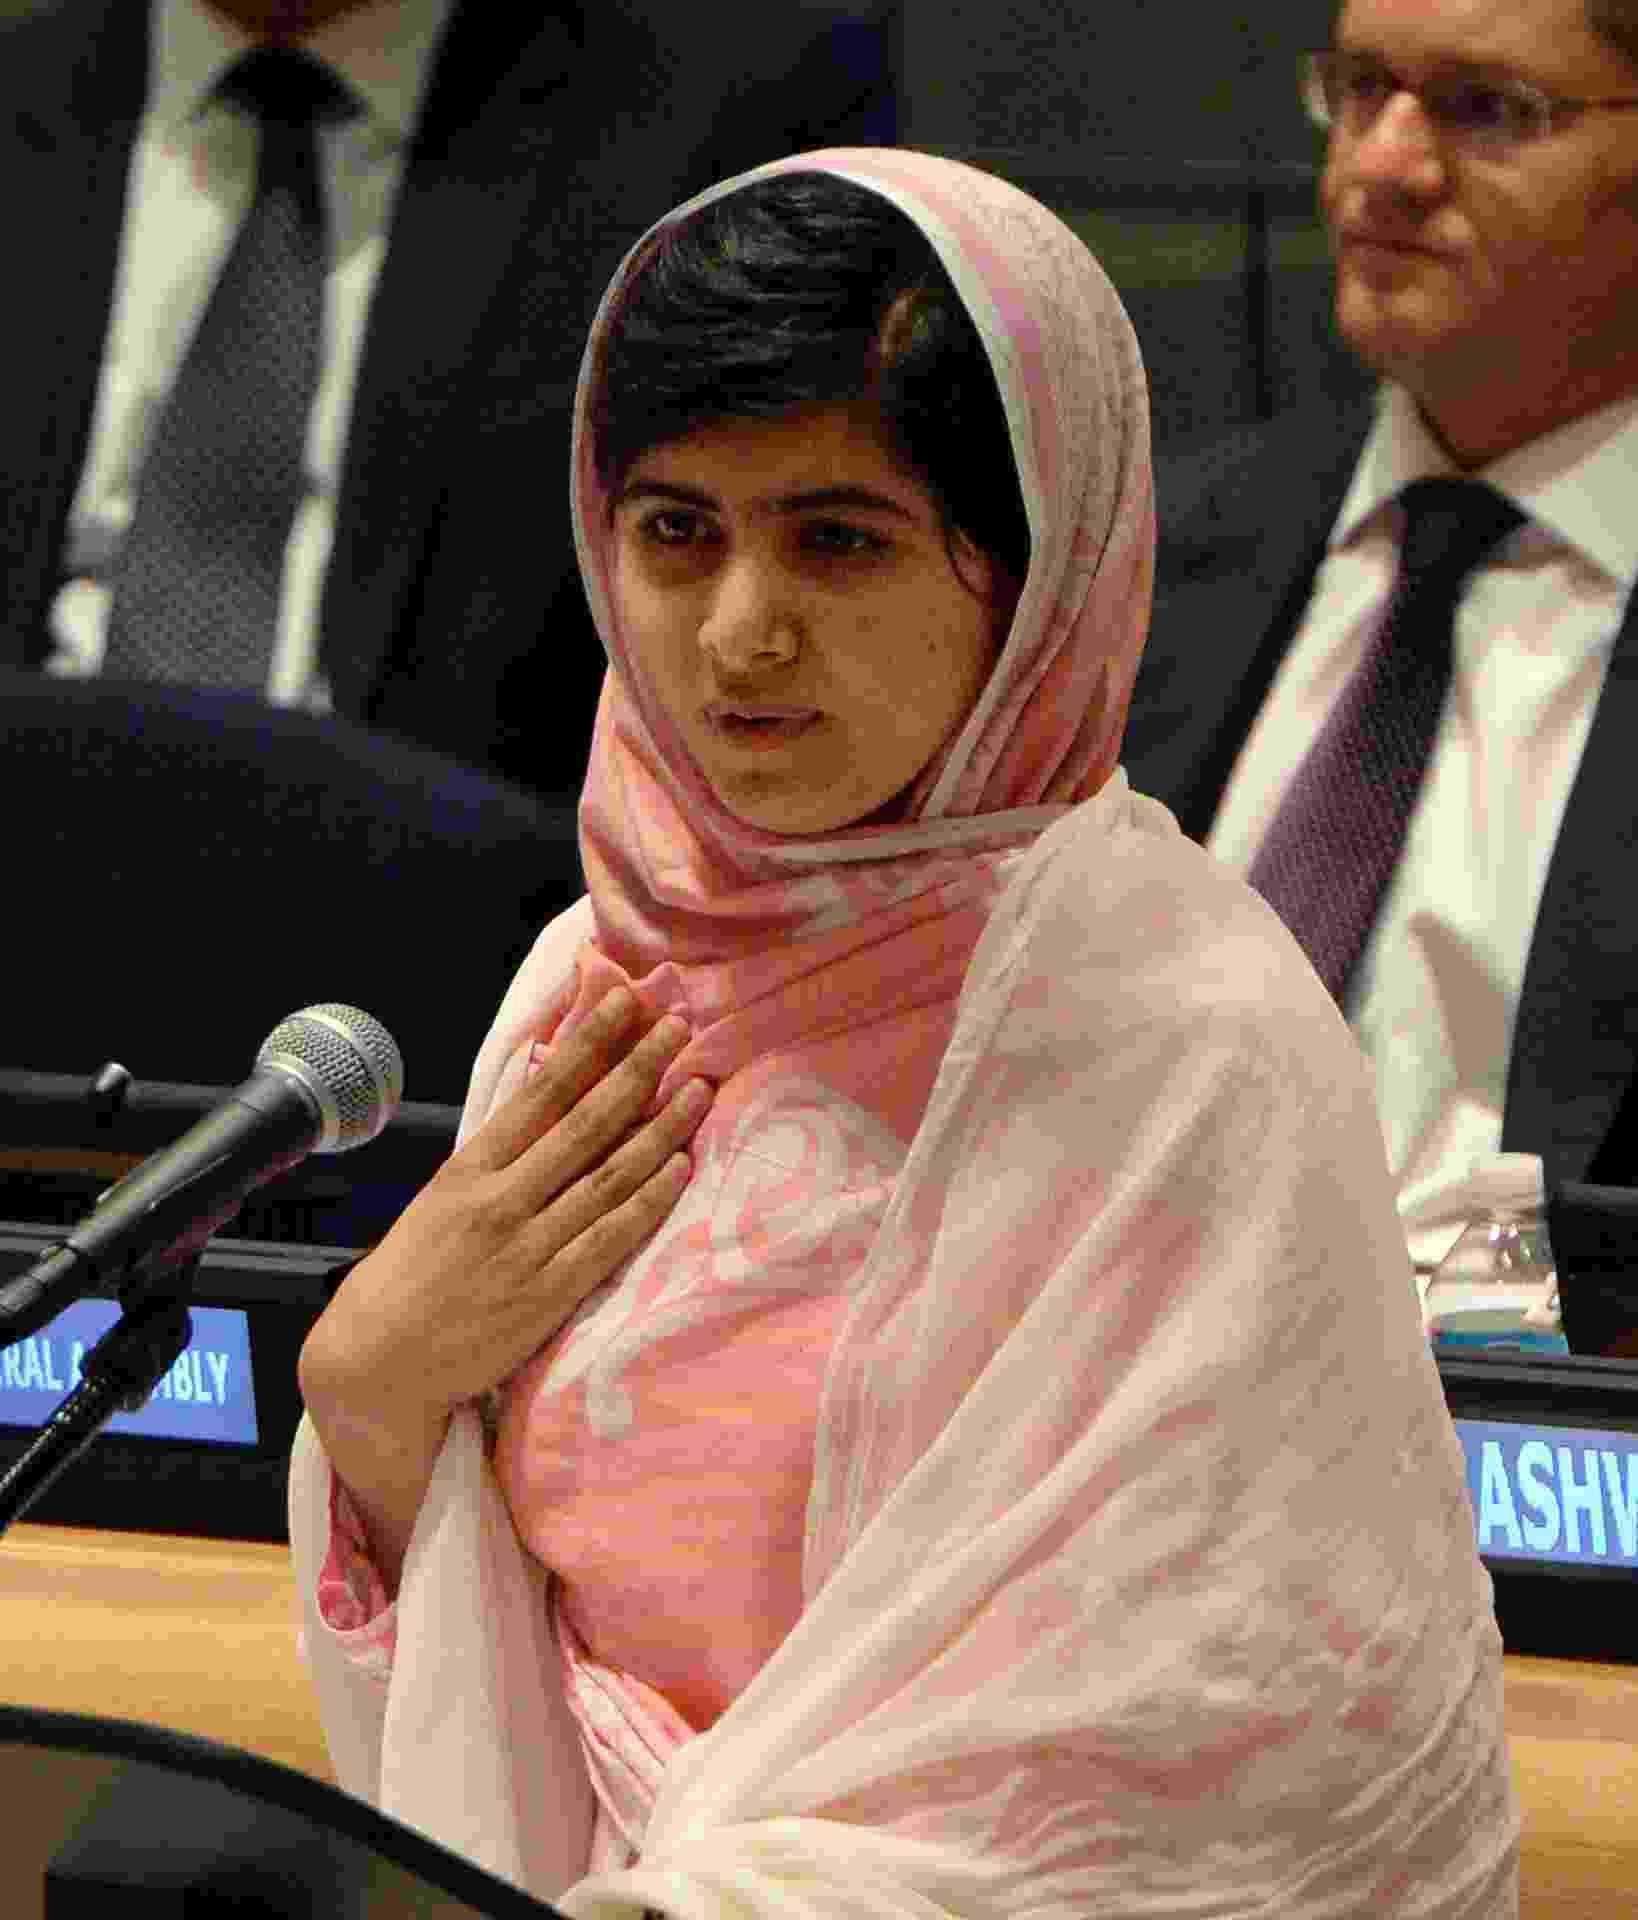 A adolescente paquistanesa Malala Yousafzai, que completa 16 anos nesta sexta, se pronuncia pela primeira vez em Nova York, na sede da ONU, em favor das milhões de crianças do mundo inteiro que não têm acesso à educação - AFP